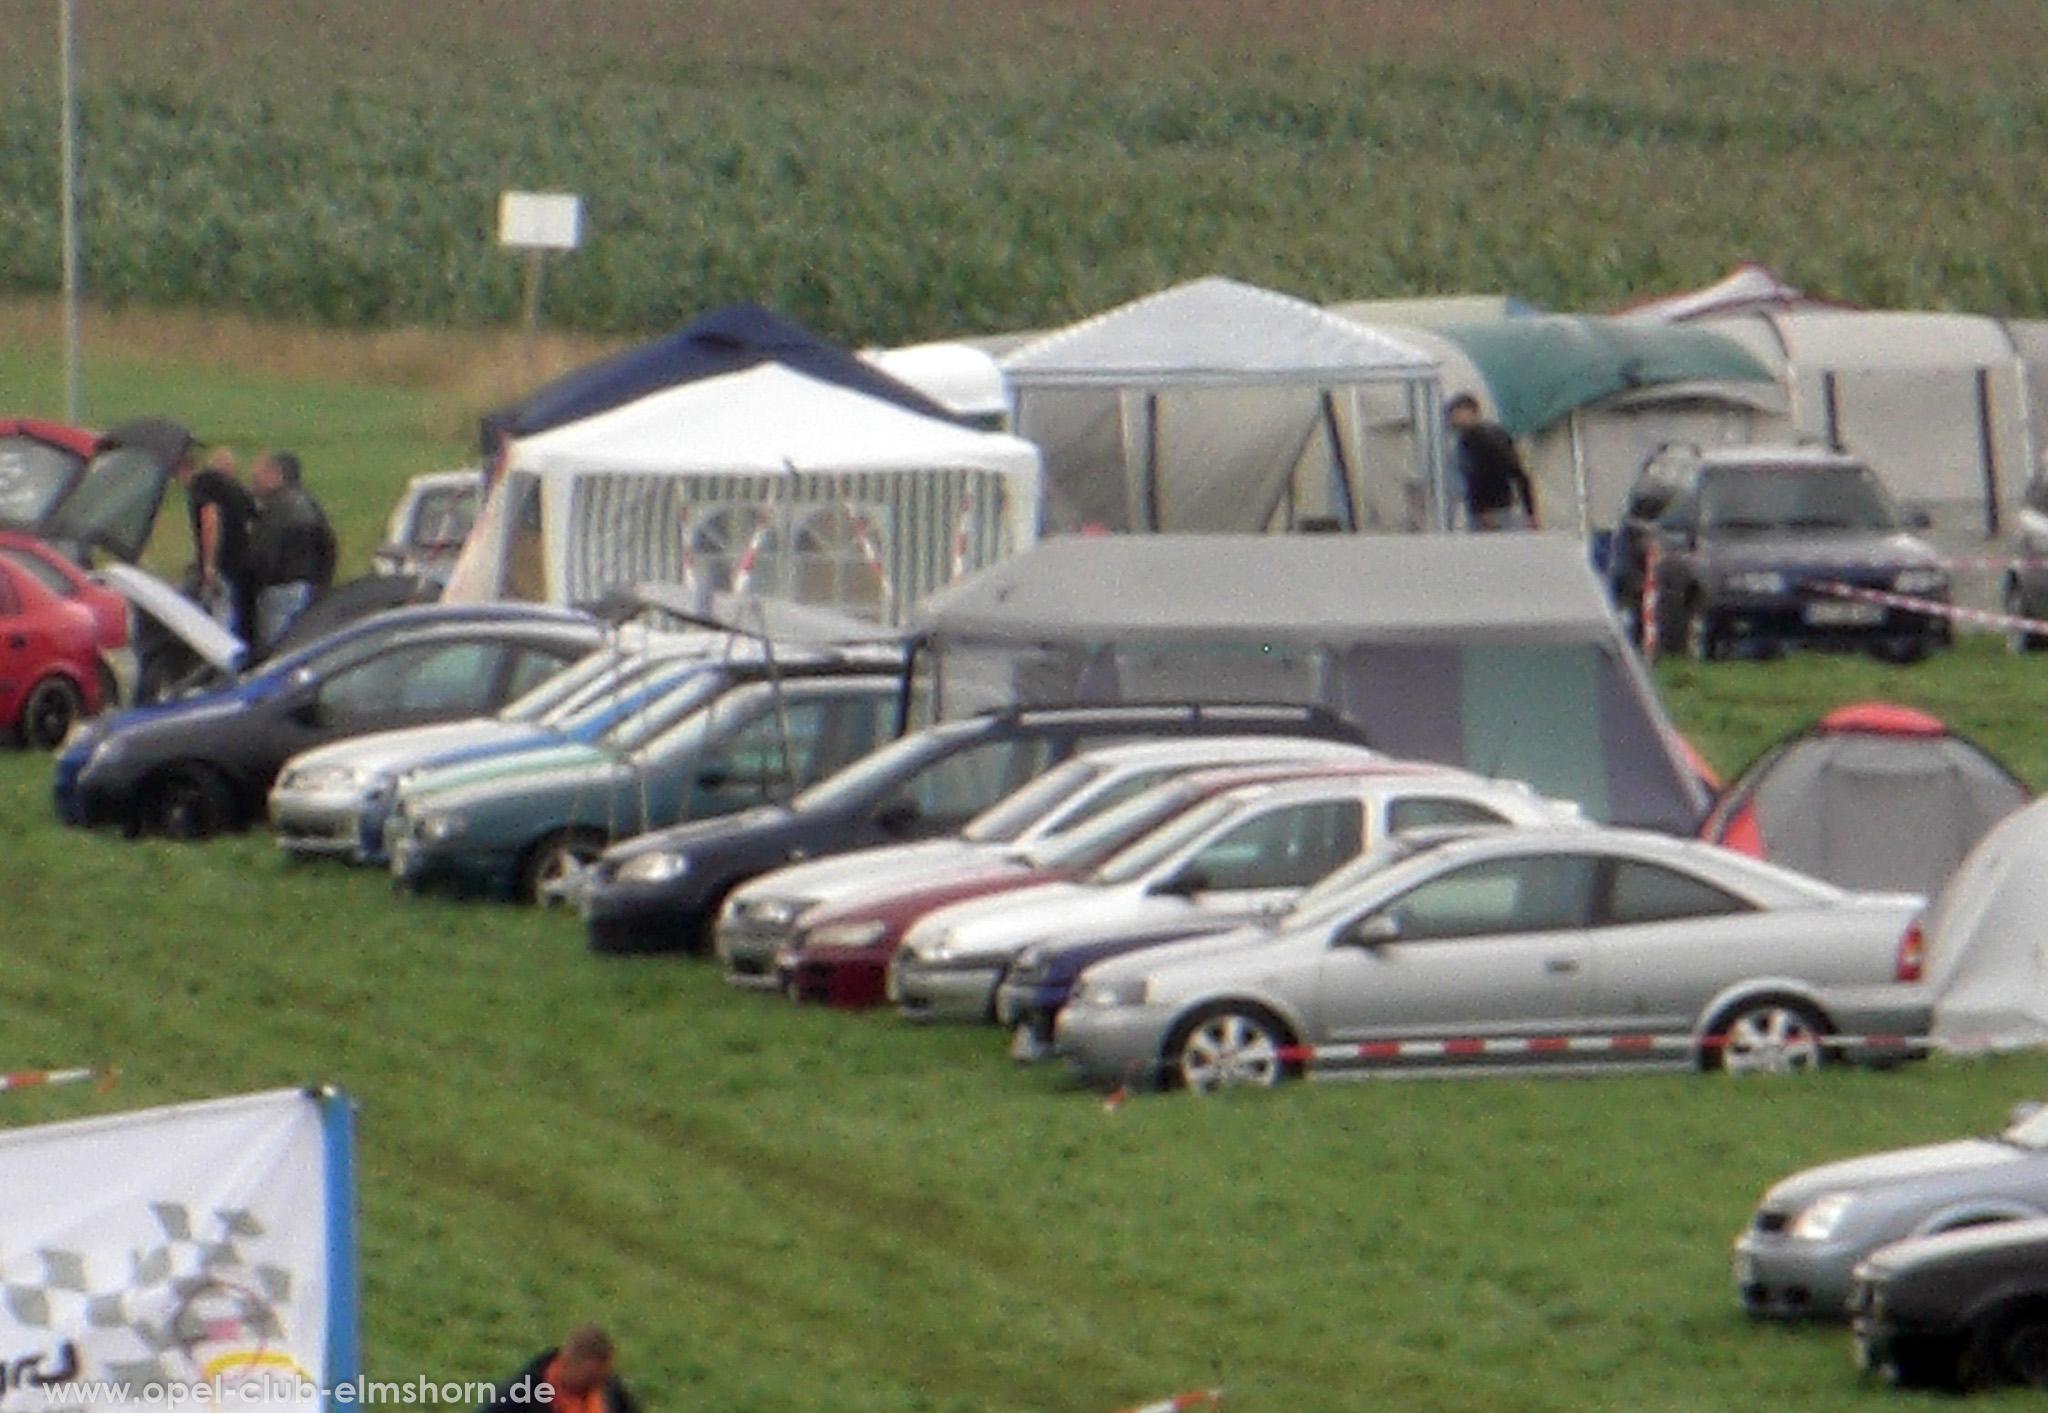 Opeltreffen Brunsbüttel Funmakers 2008 - 20080719_131210 - Unsere Fahrzeuge